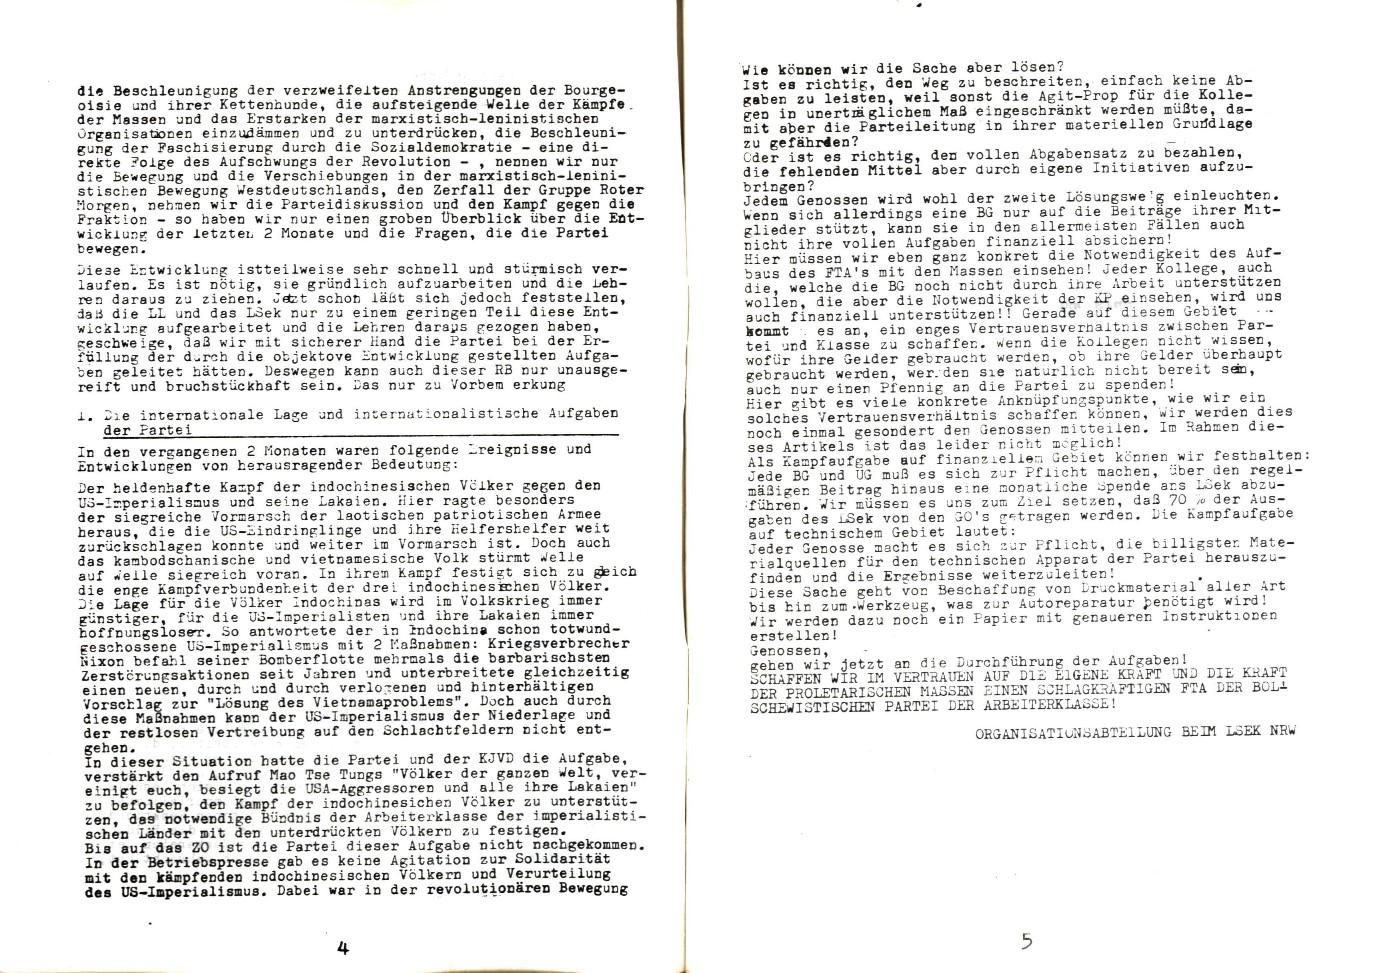 NRW_KPDML_Der_Bolschewist_1972_04_04